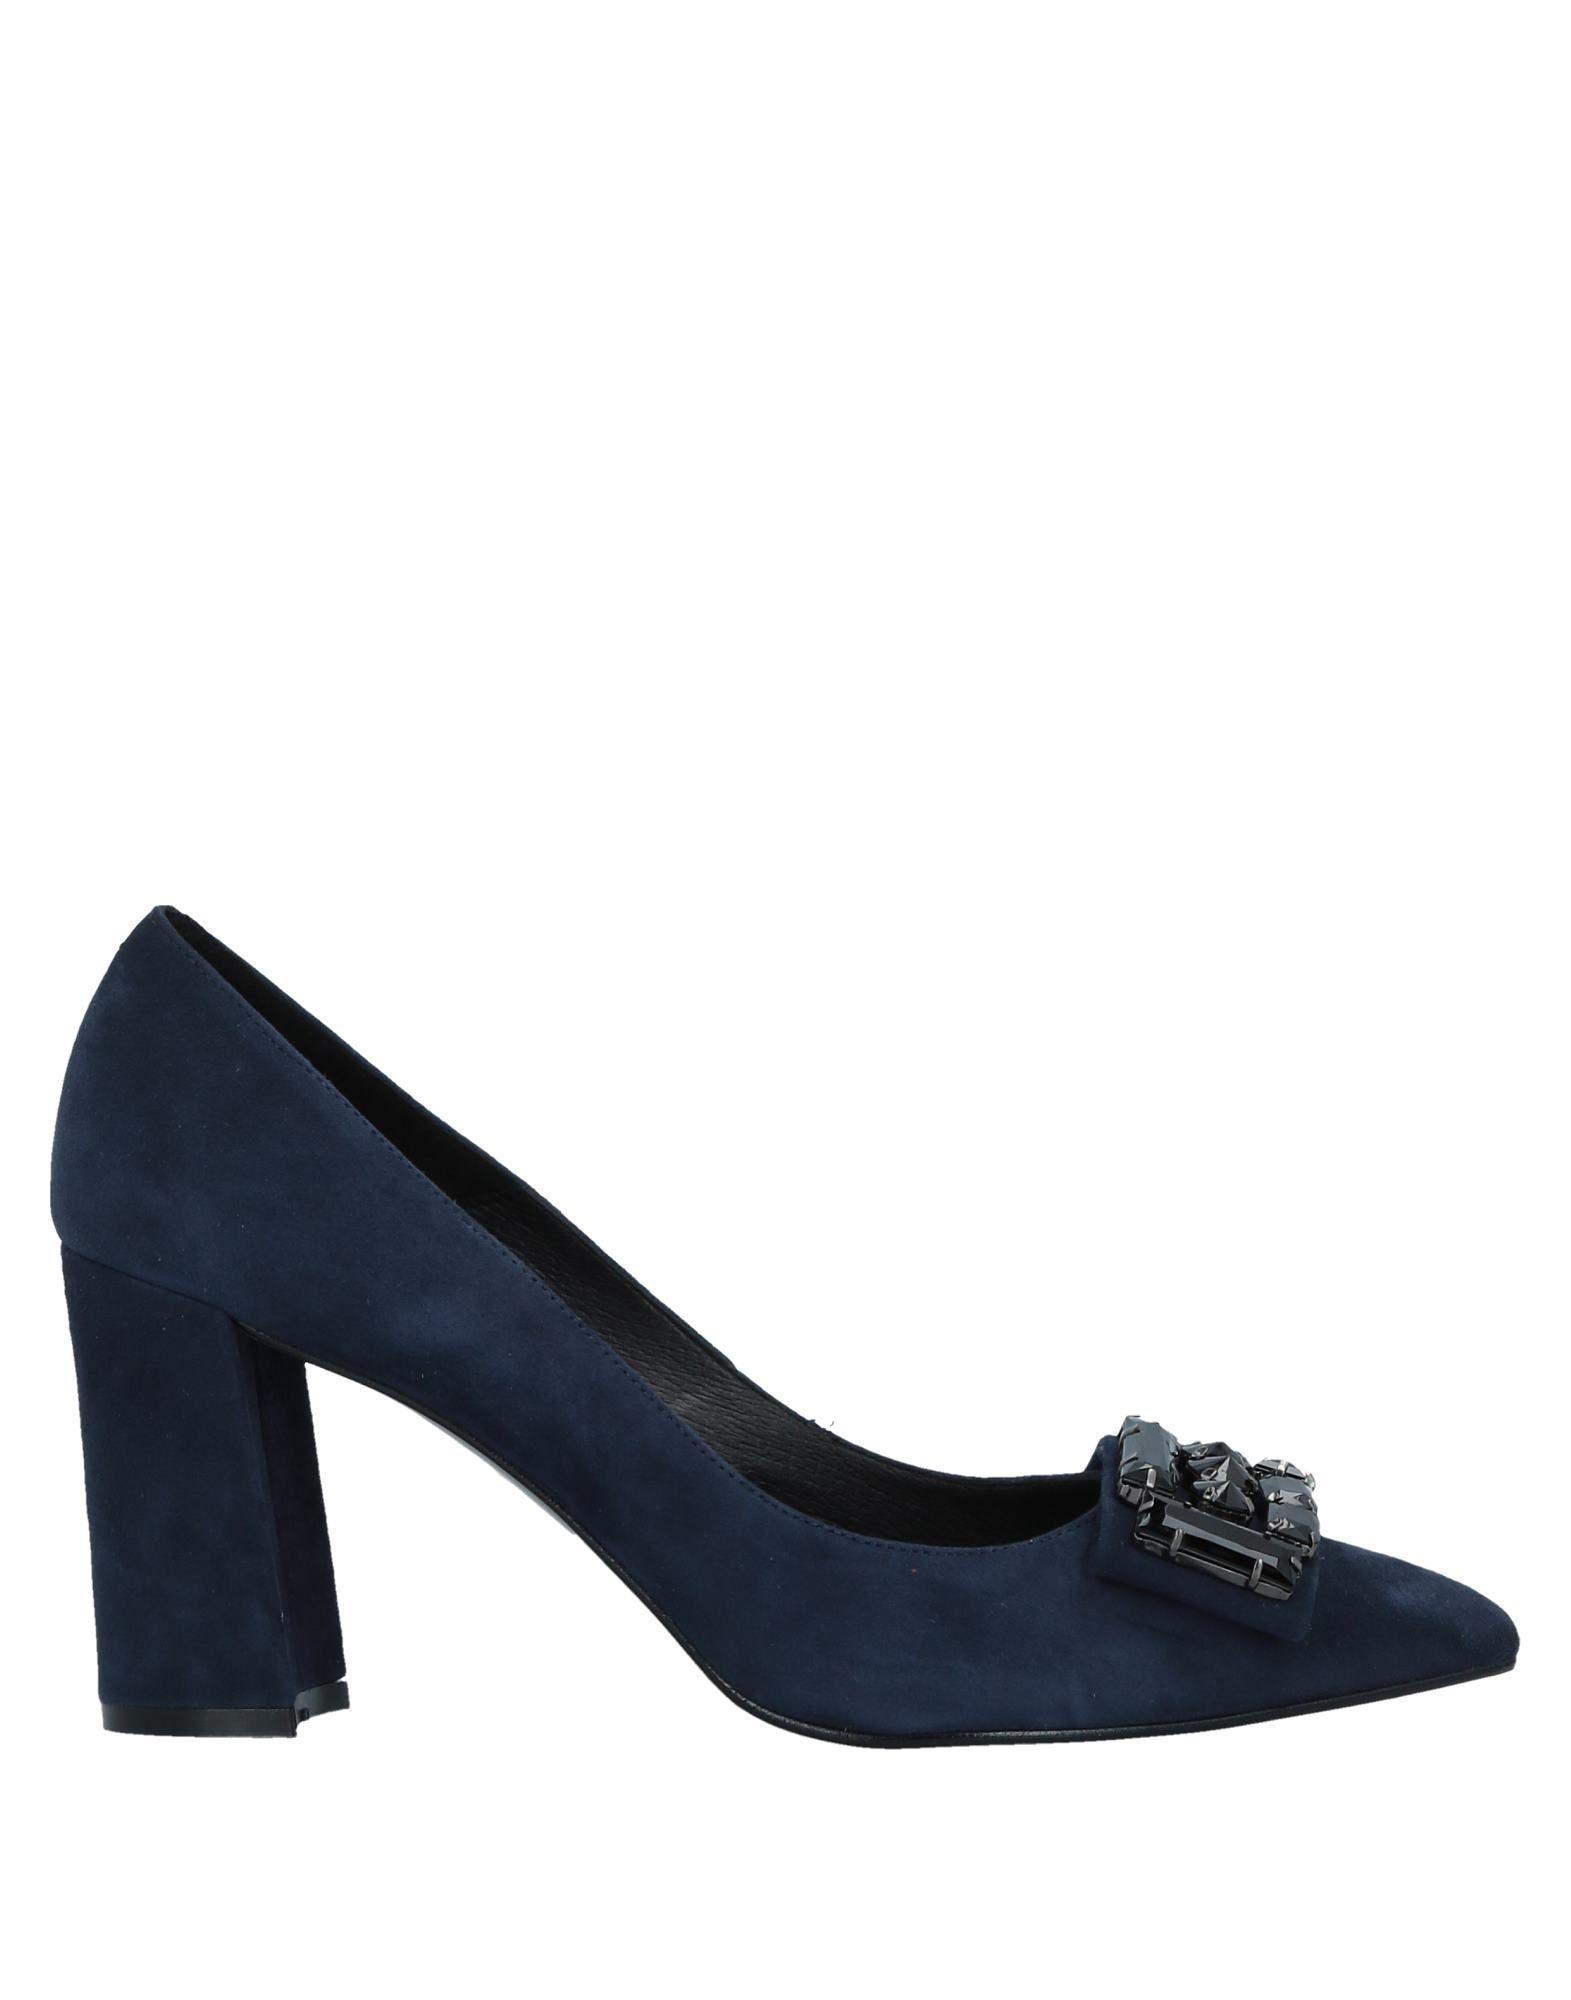 Andrea Morando Pumps Damen beliebte  11525053JI Gute Qualität beliebte Damen Schuhe 2be413